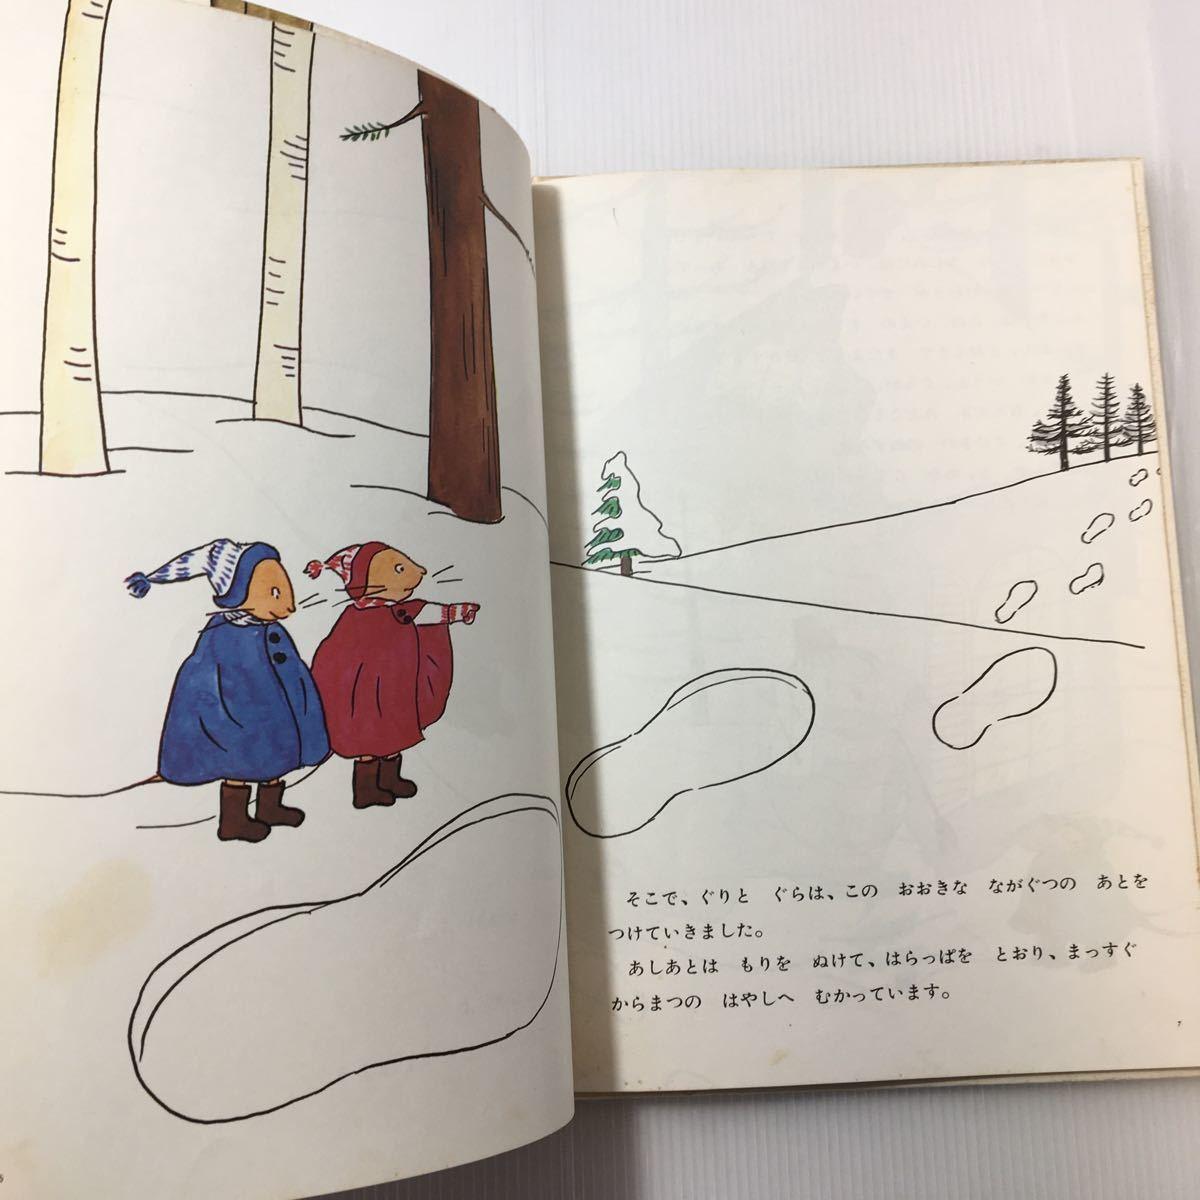 zaa-058★ぐりとぐらのおきゃくさま (ぐりとぐらの絵本) 単行本 1966/6/1 なかがわ りえこ (著), やまわき ゆりこ (イラスト)